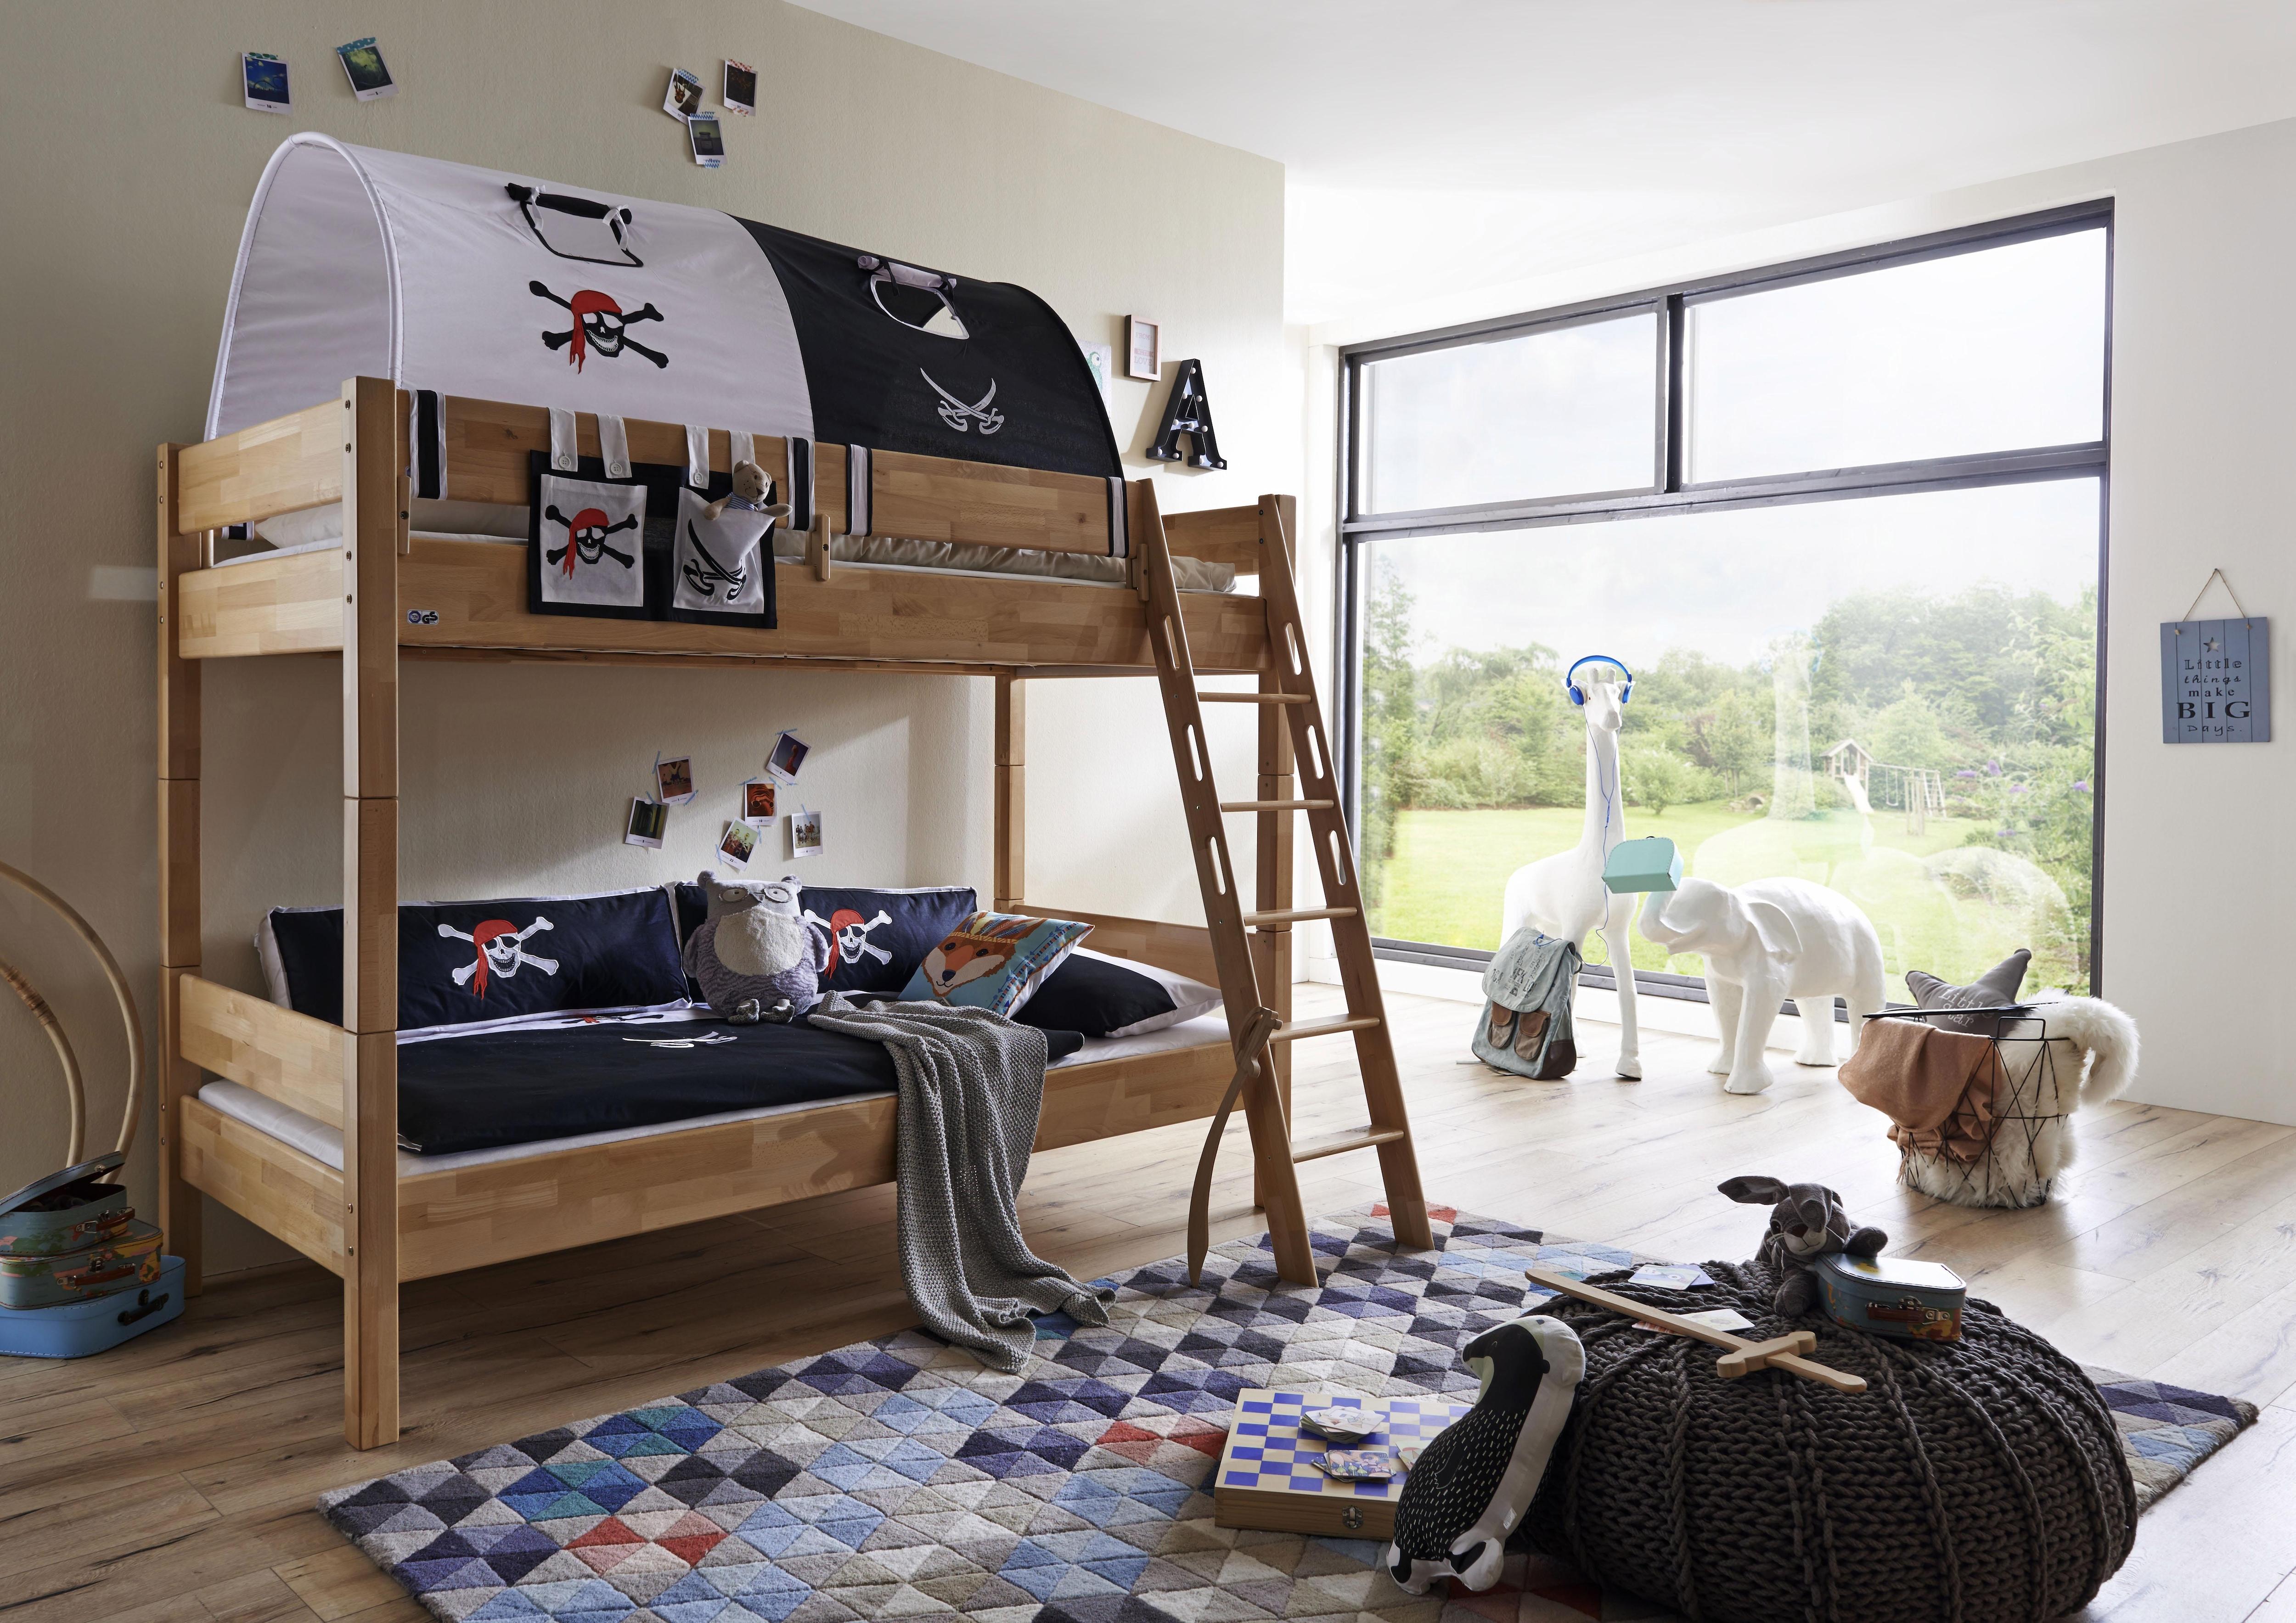 Etagenbett Xora : Etagenbett derby: xora etagenbetten online kaufen möbel suchmaschine